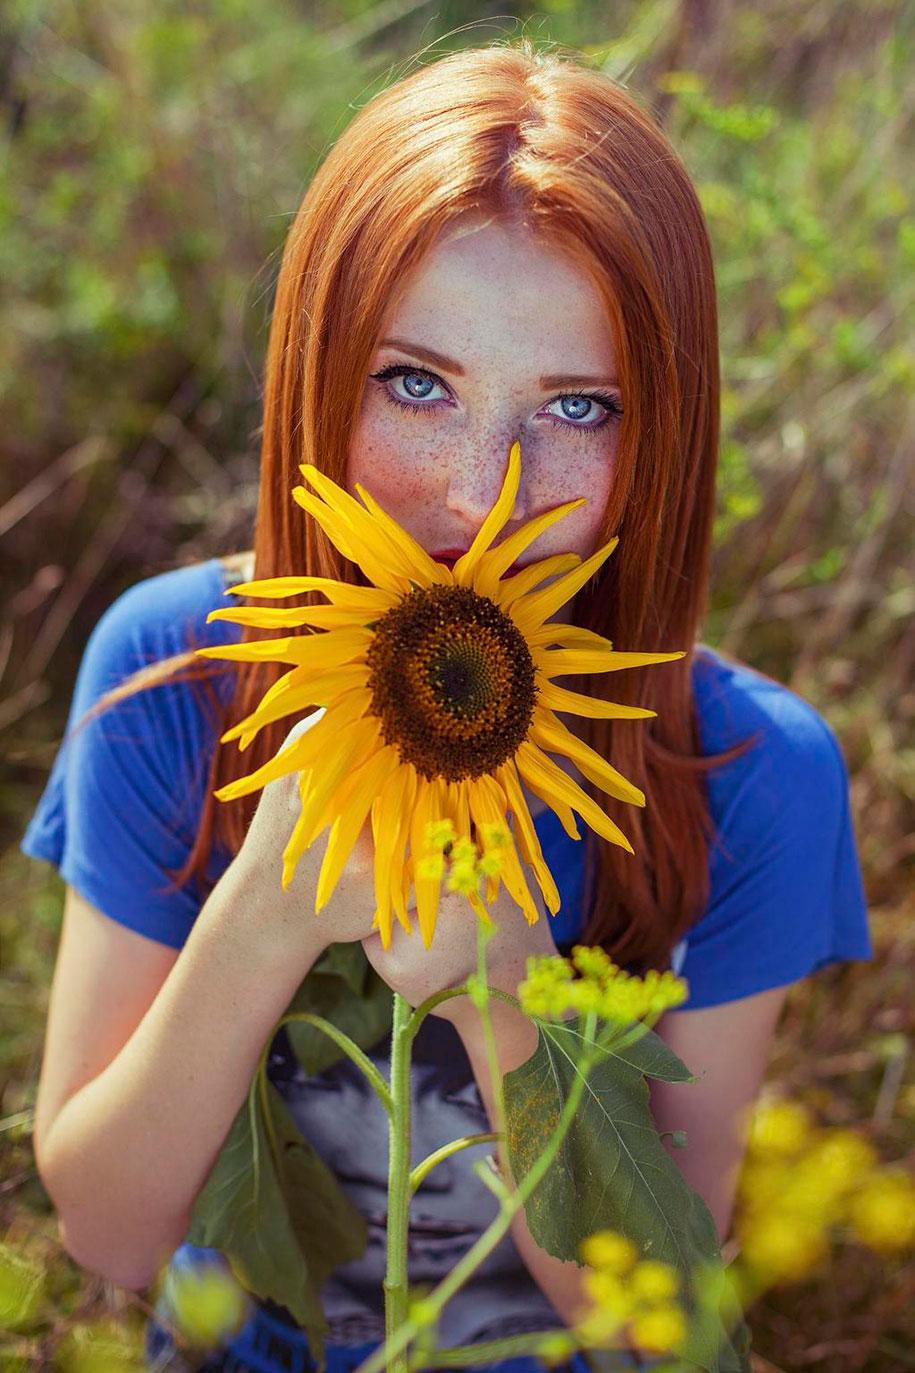 foto-ragazze-capelli-rossi-lentiggini-fiori-maja-topcagic-08